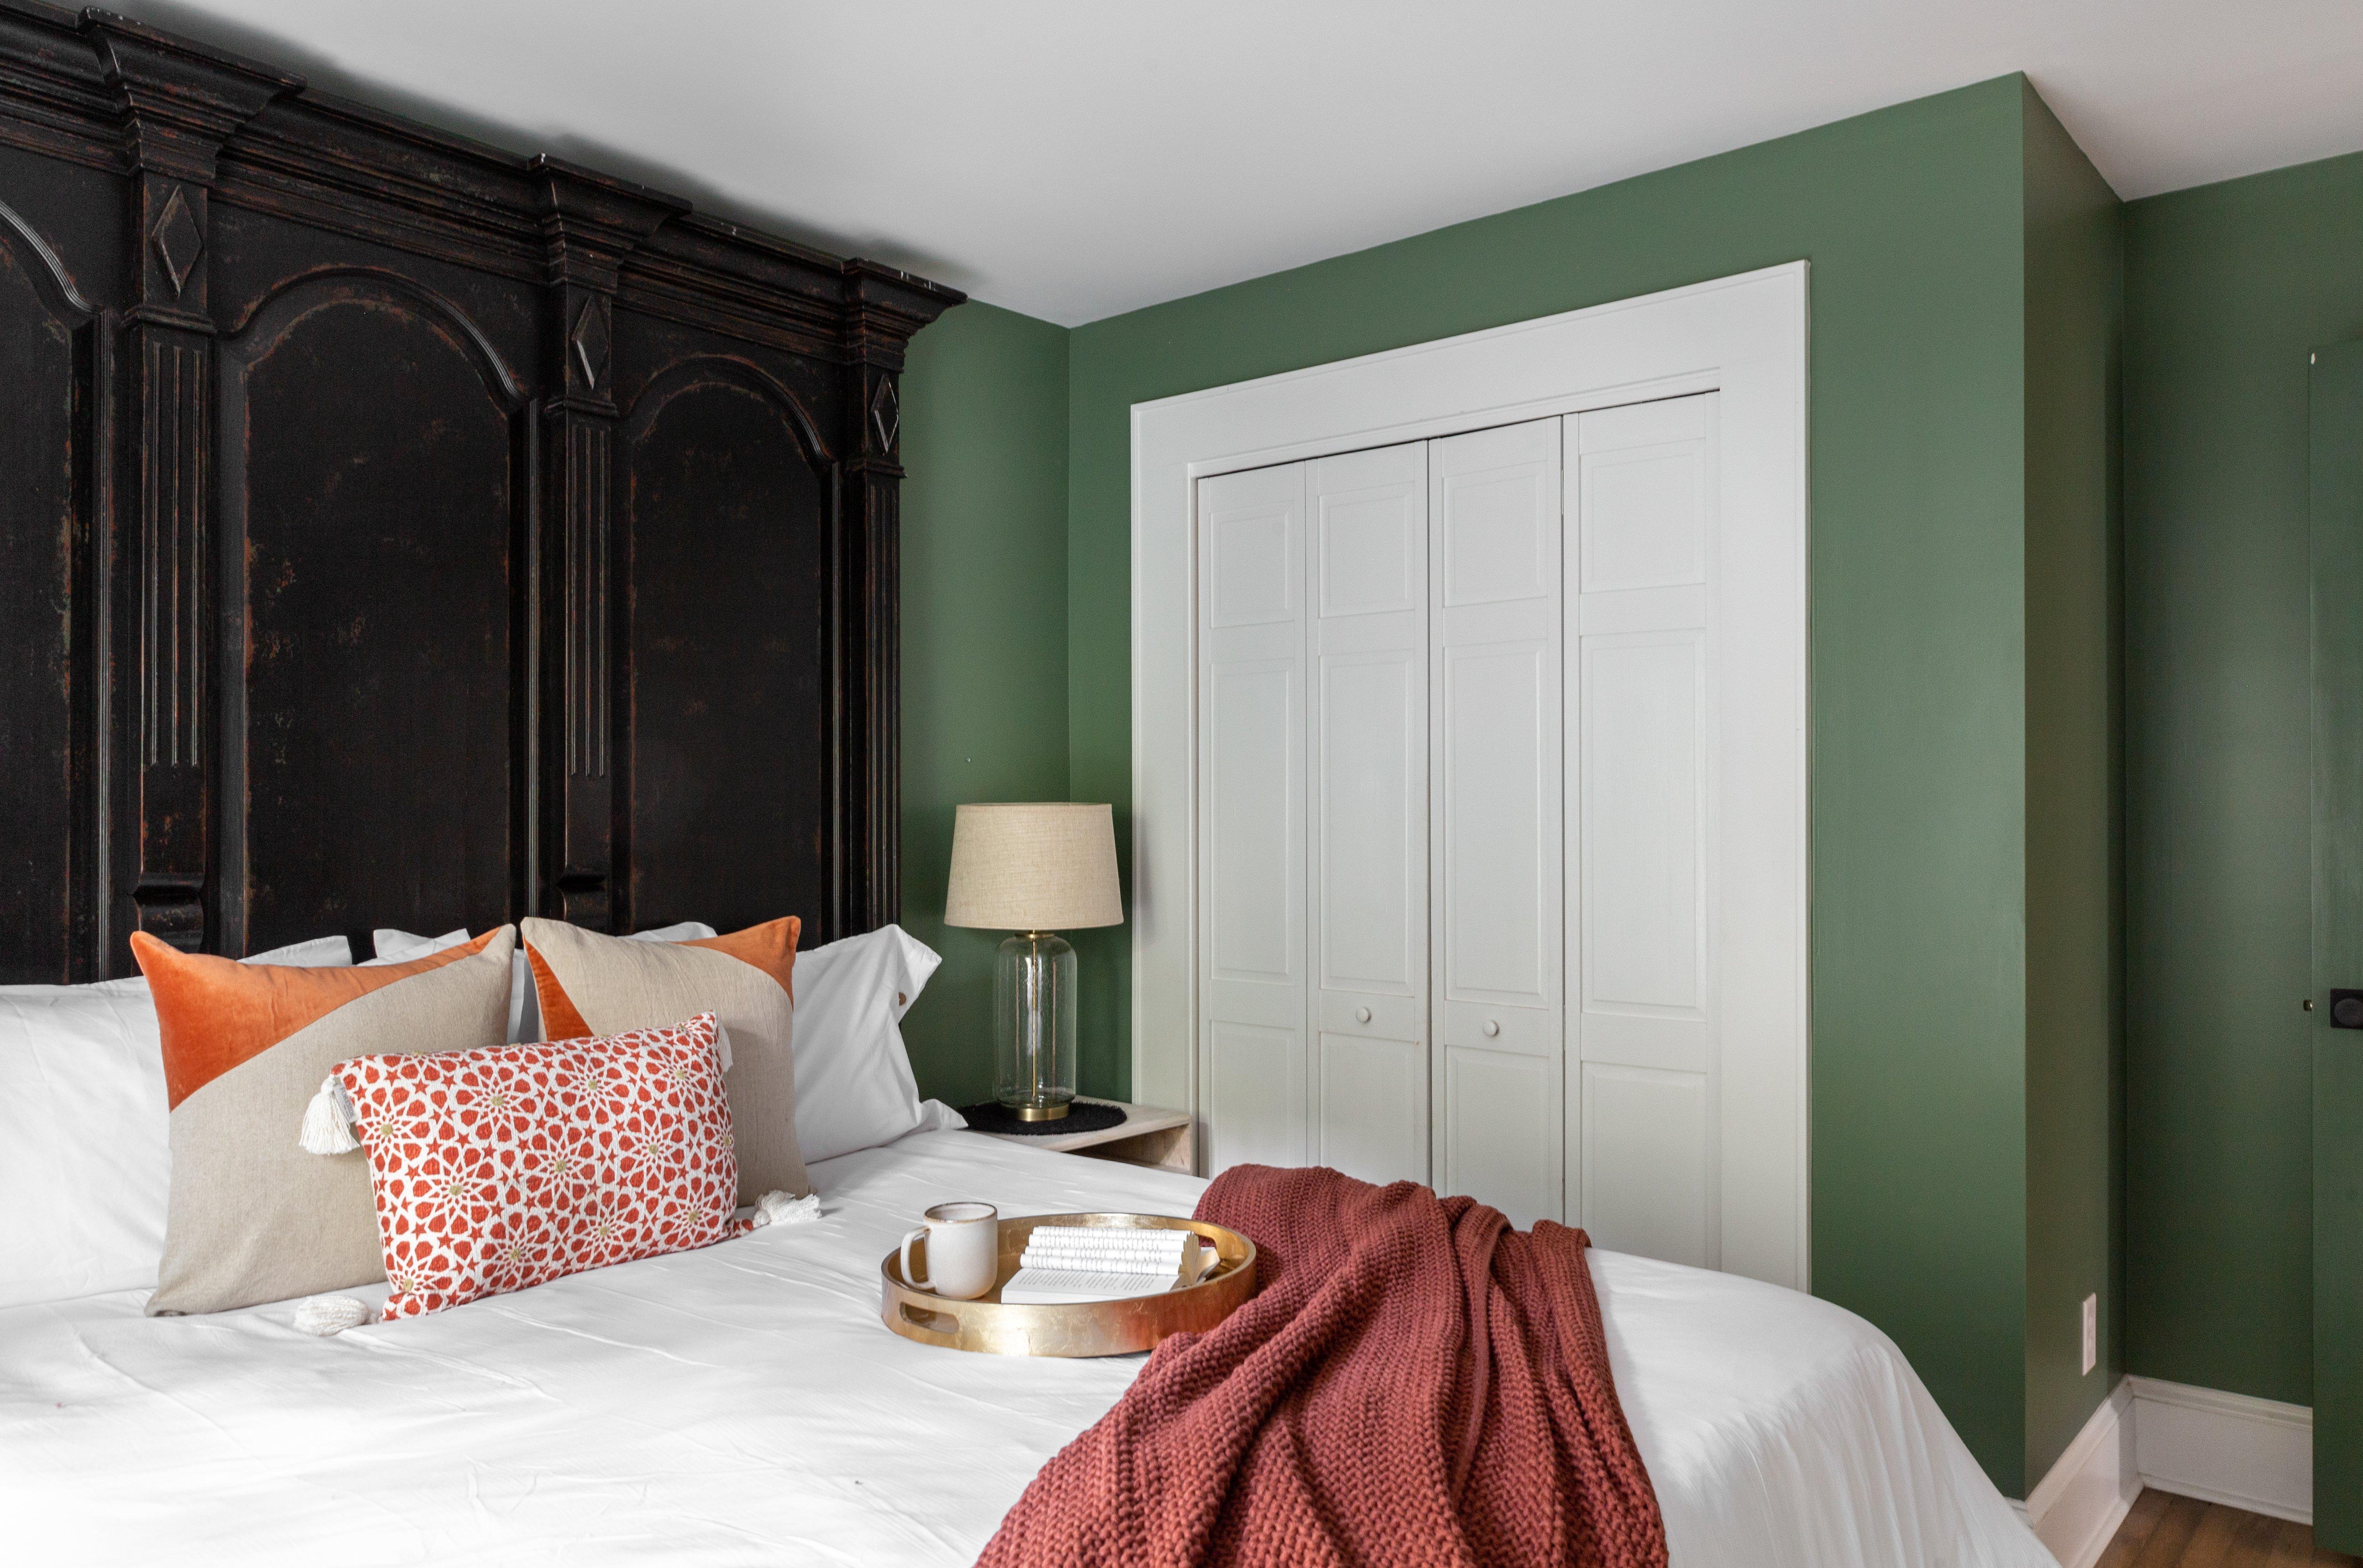 26 bedroom 2 20210721-IMG_0403-HDR.jpg